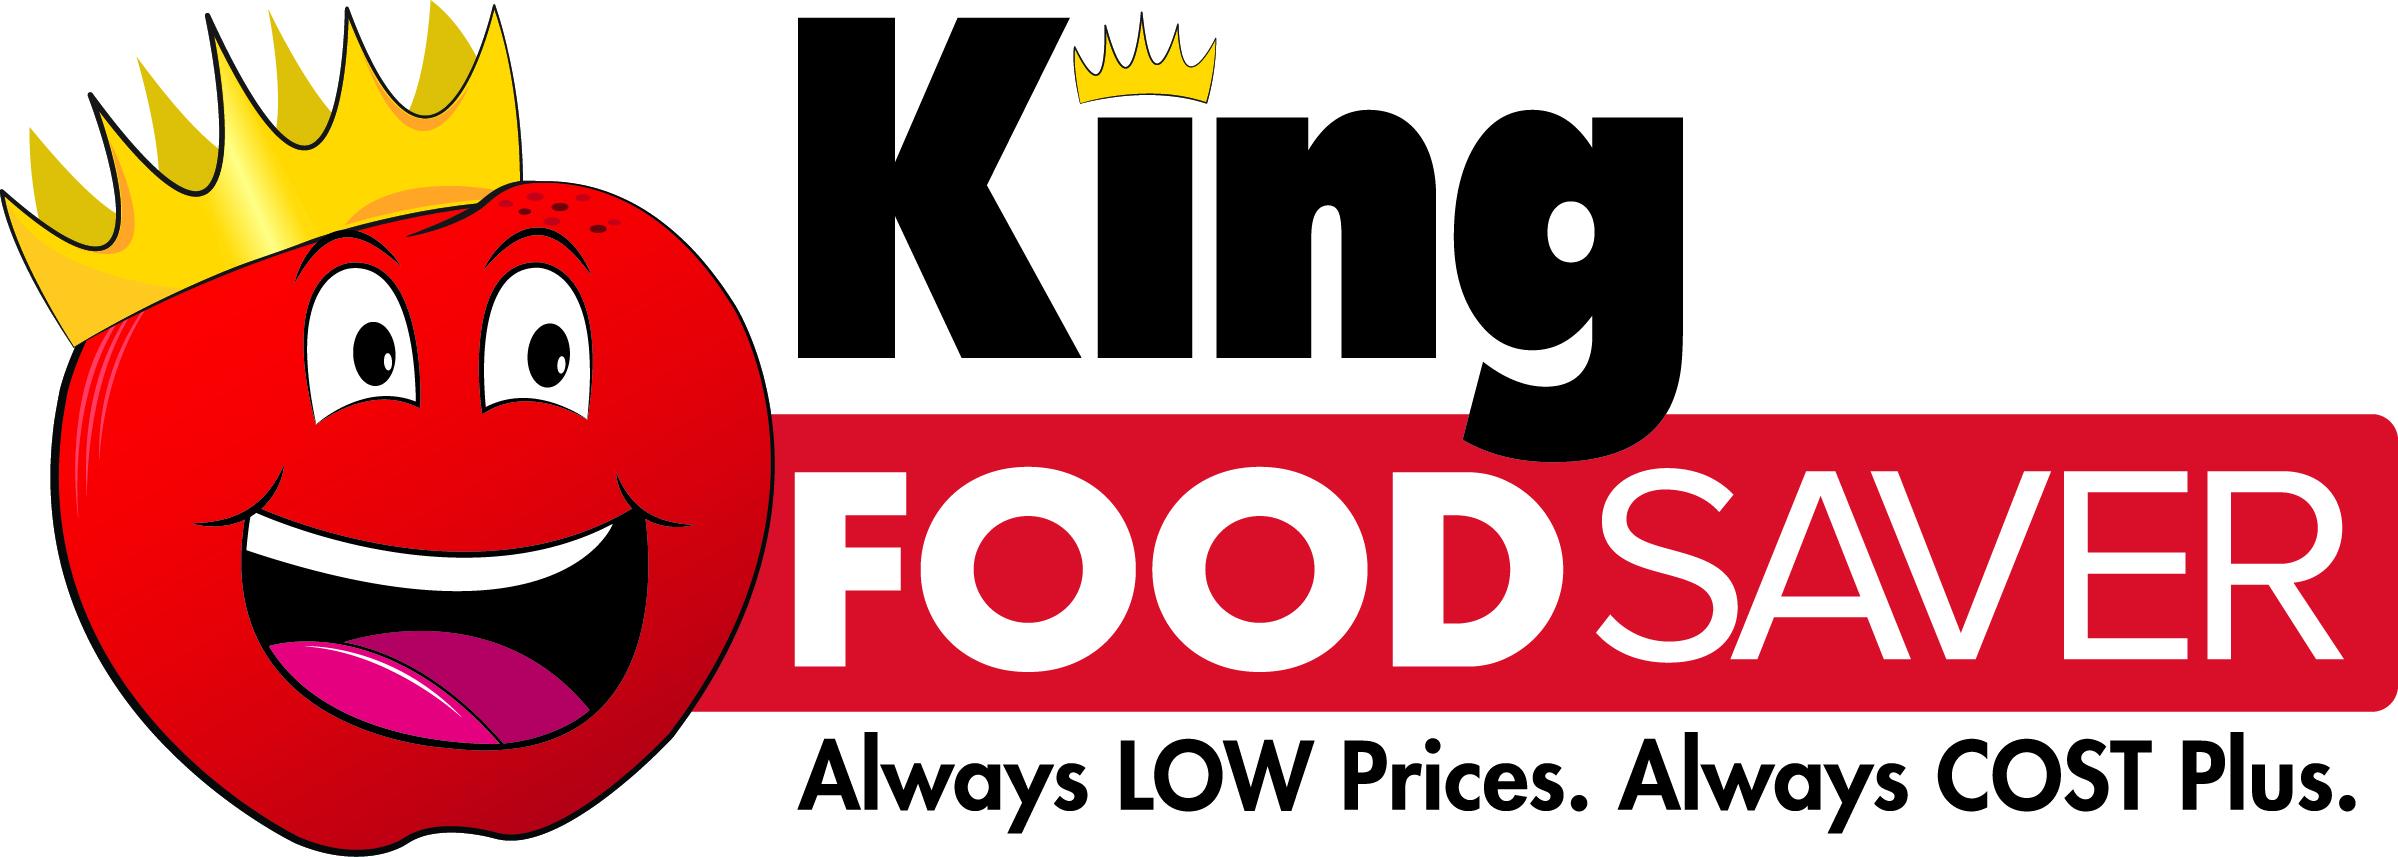 King Food Saver Logo